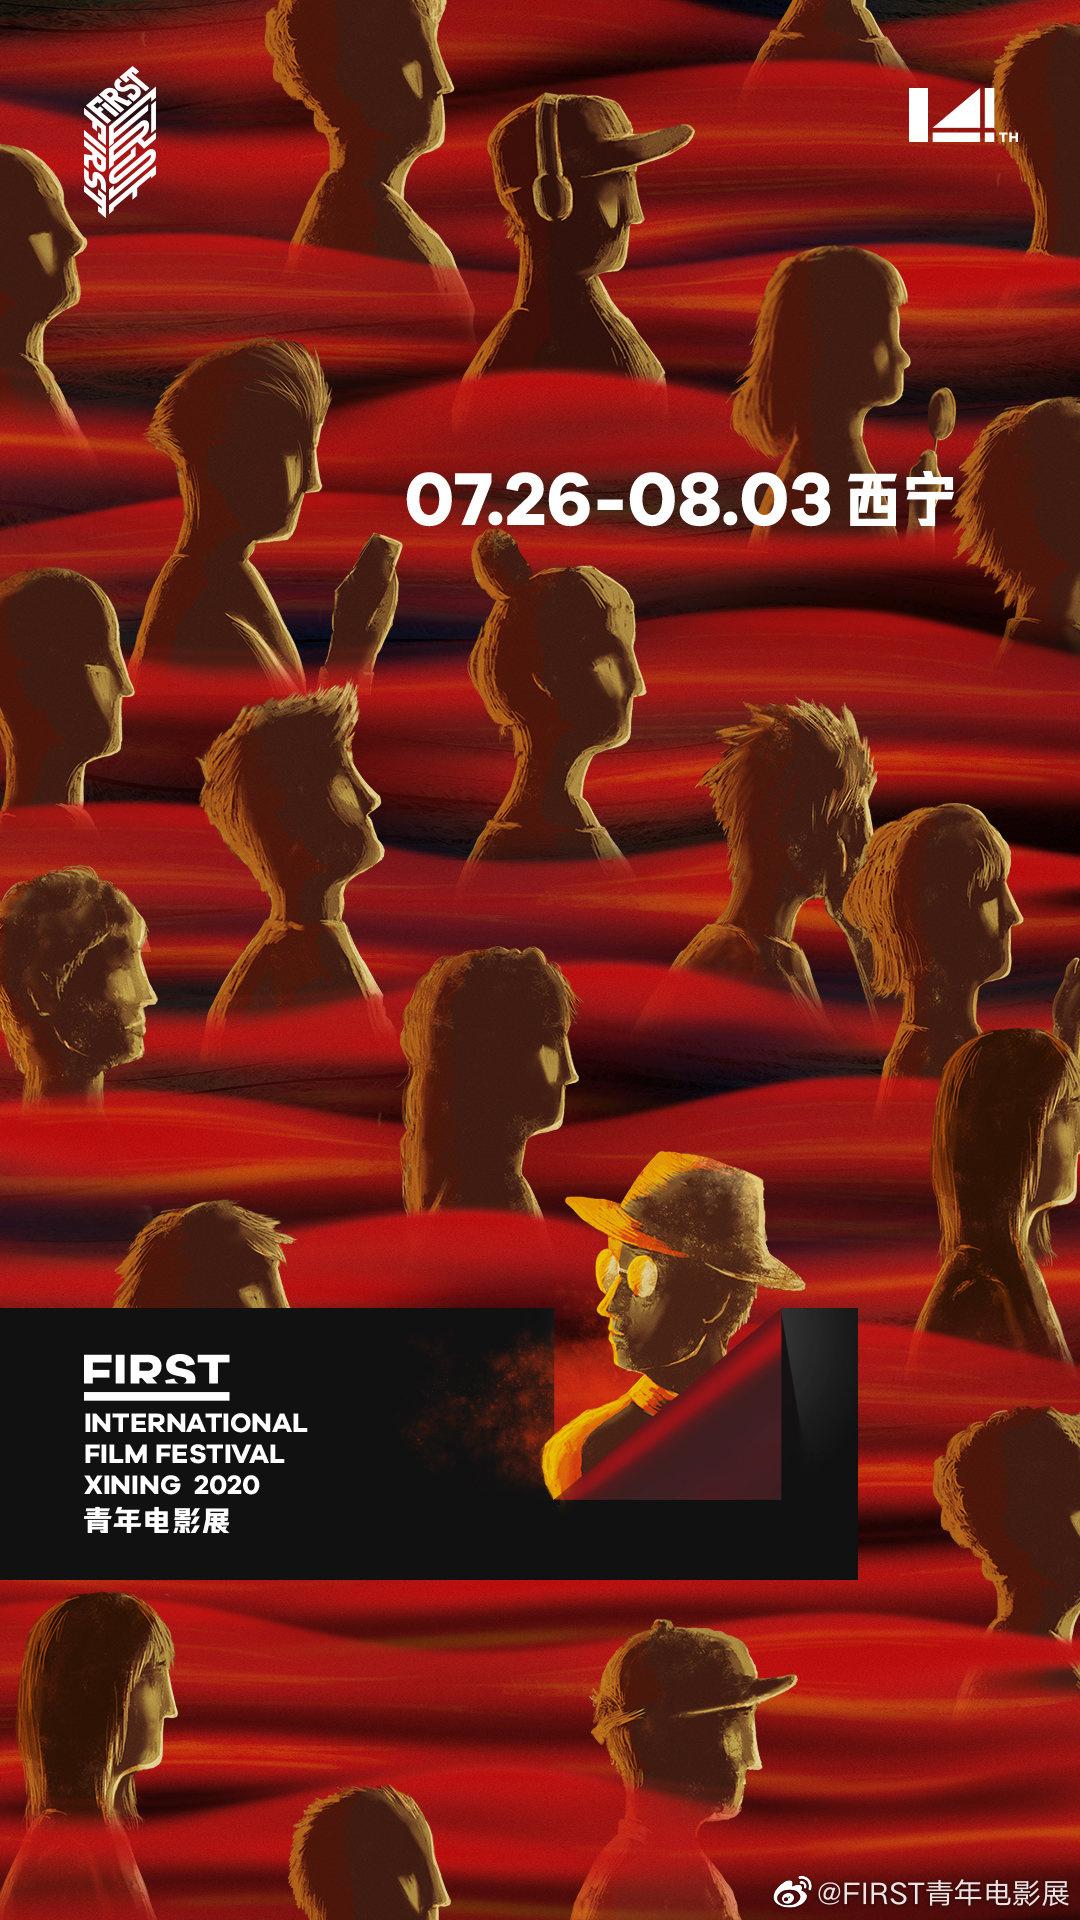 联博统计:逆流而上!第14届FIRST青年电影展主视觉海报曝光 第1张